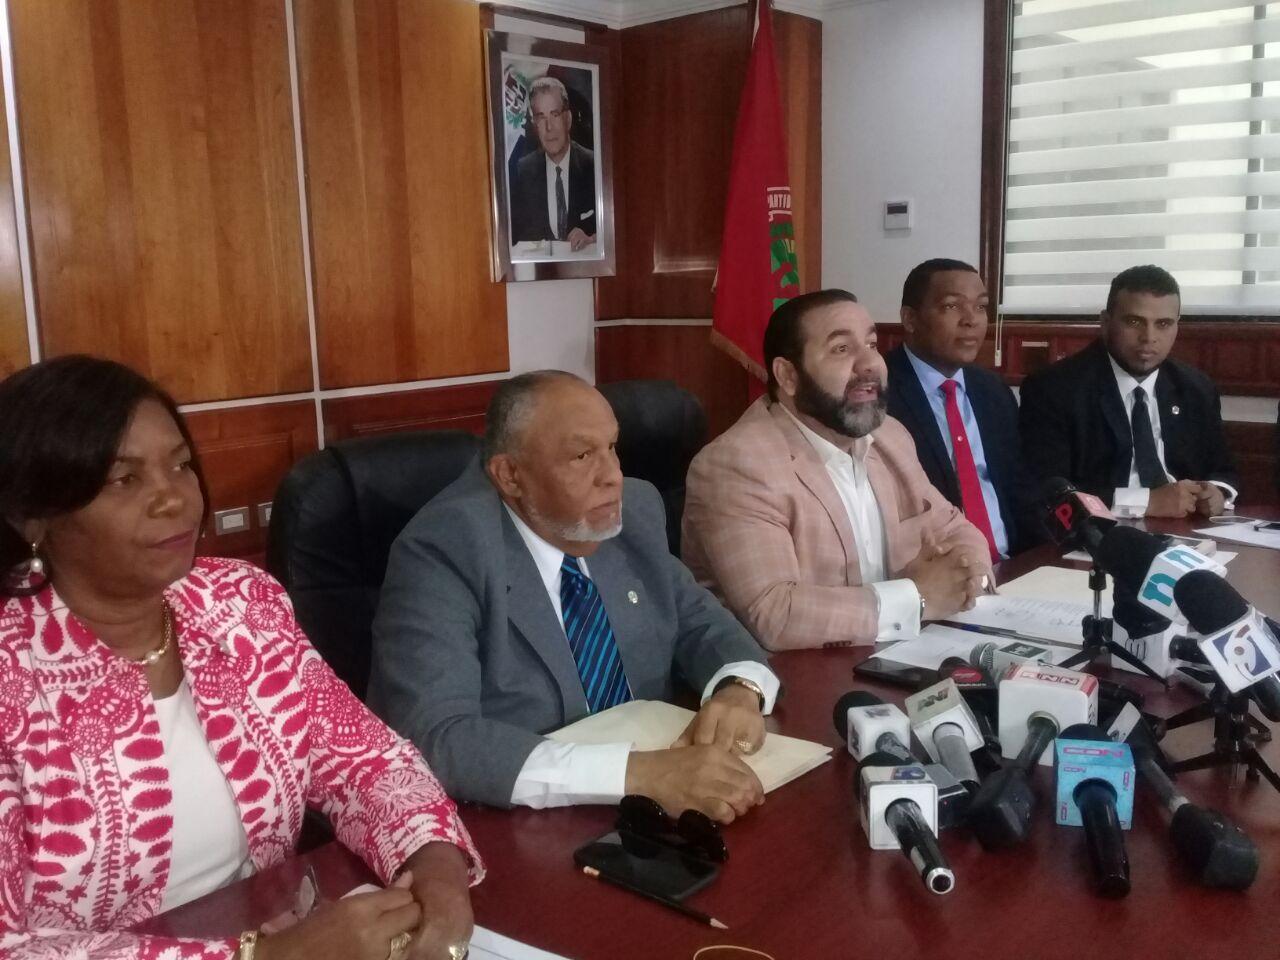 Dirección PRSC ratifica su actual bufete directivo Cámara de Diputados